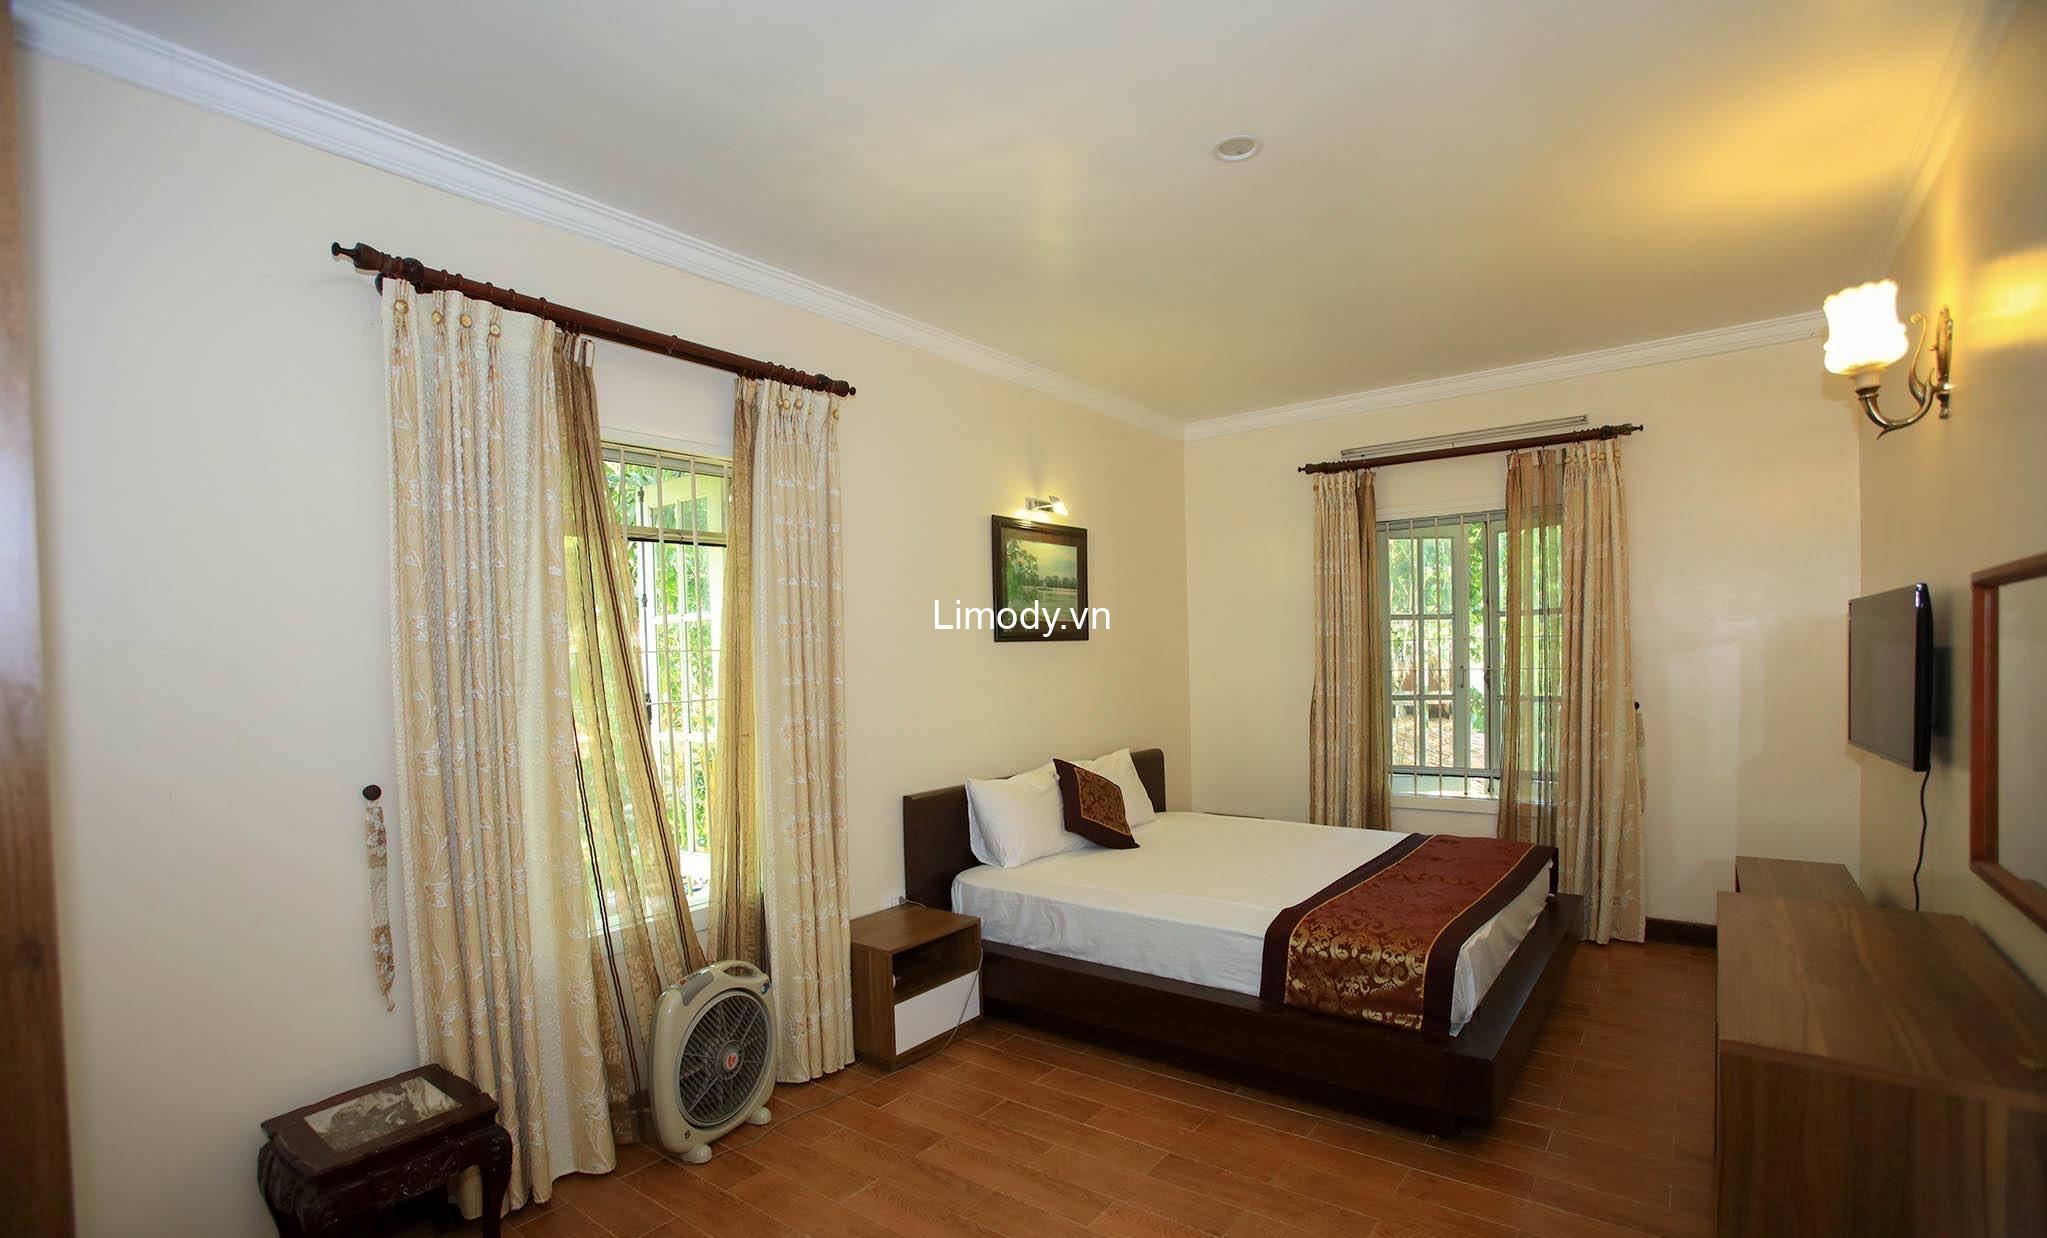 Top 15 Biệt thự villa Hòa Bình: Đặt phòng ở Mai Châu, Lương Sơn view đẹp